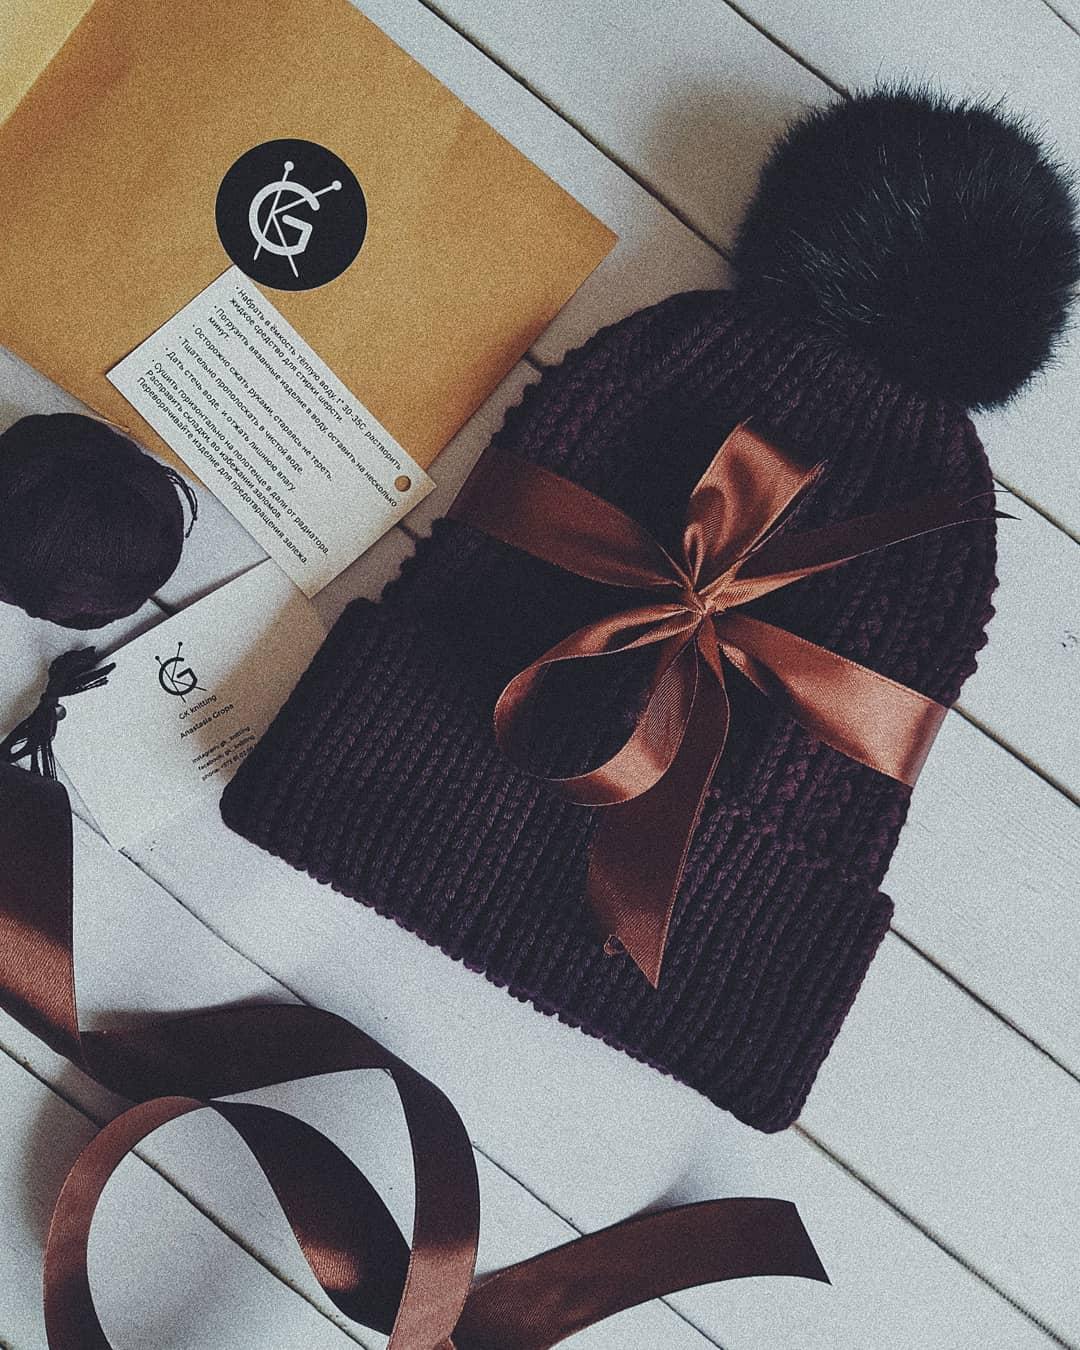 winter-season-easy-hats-crochet-new-2019